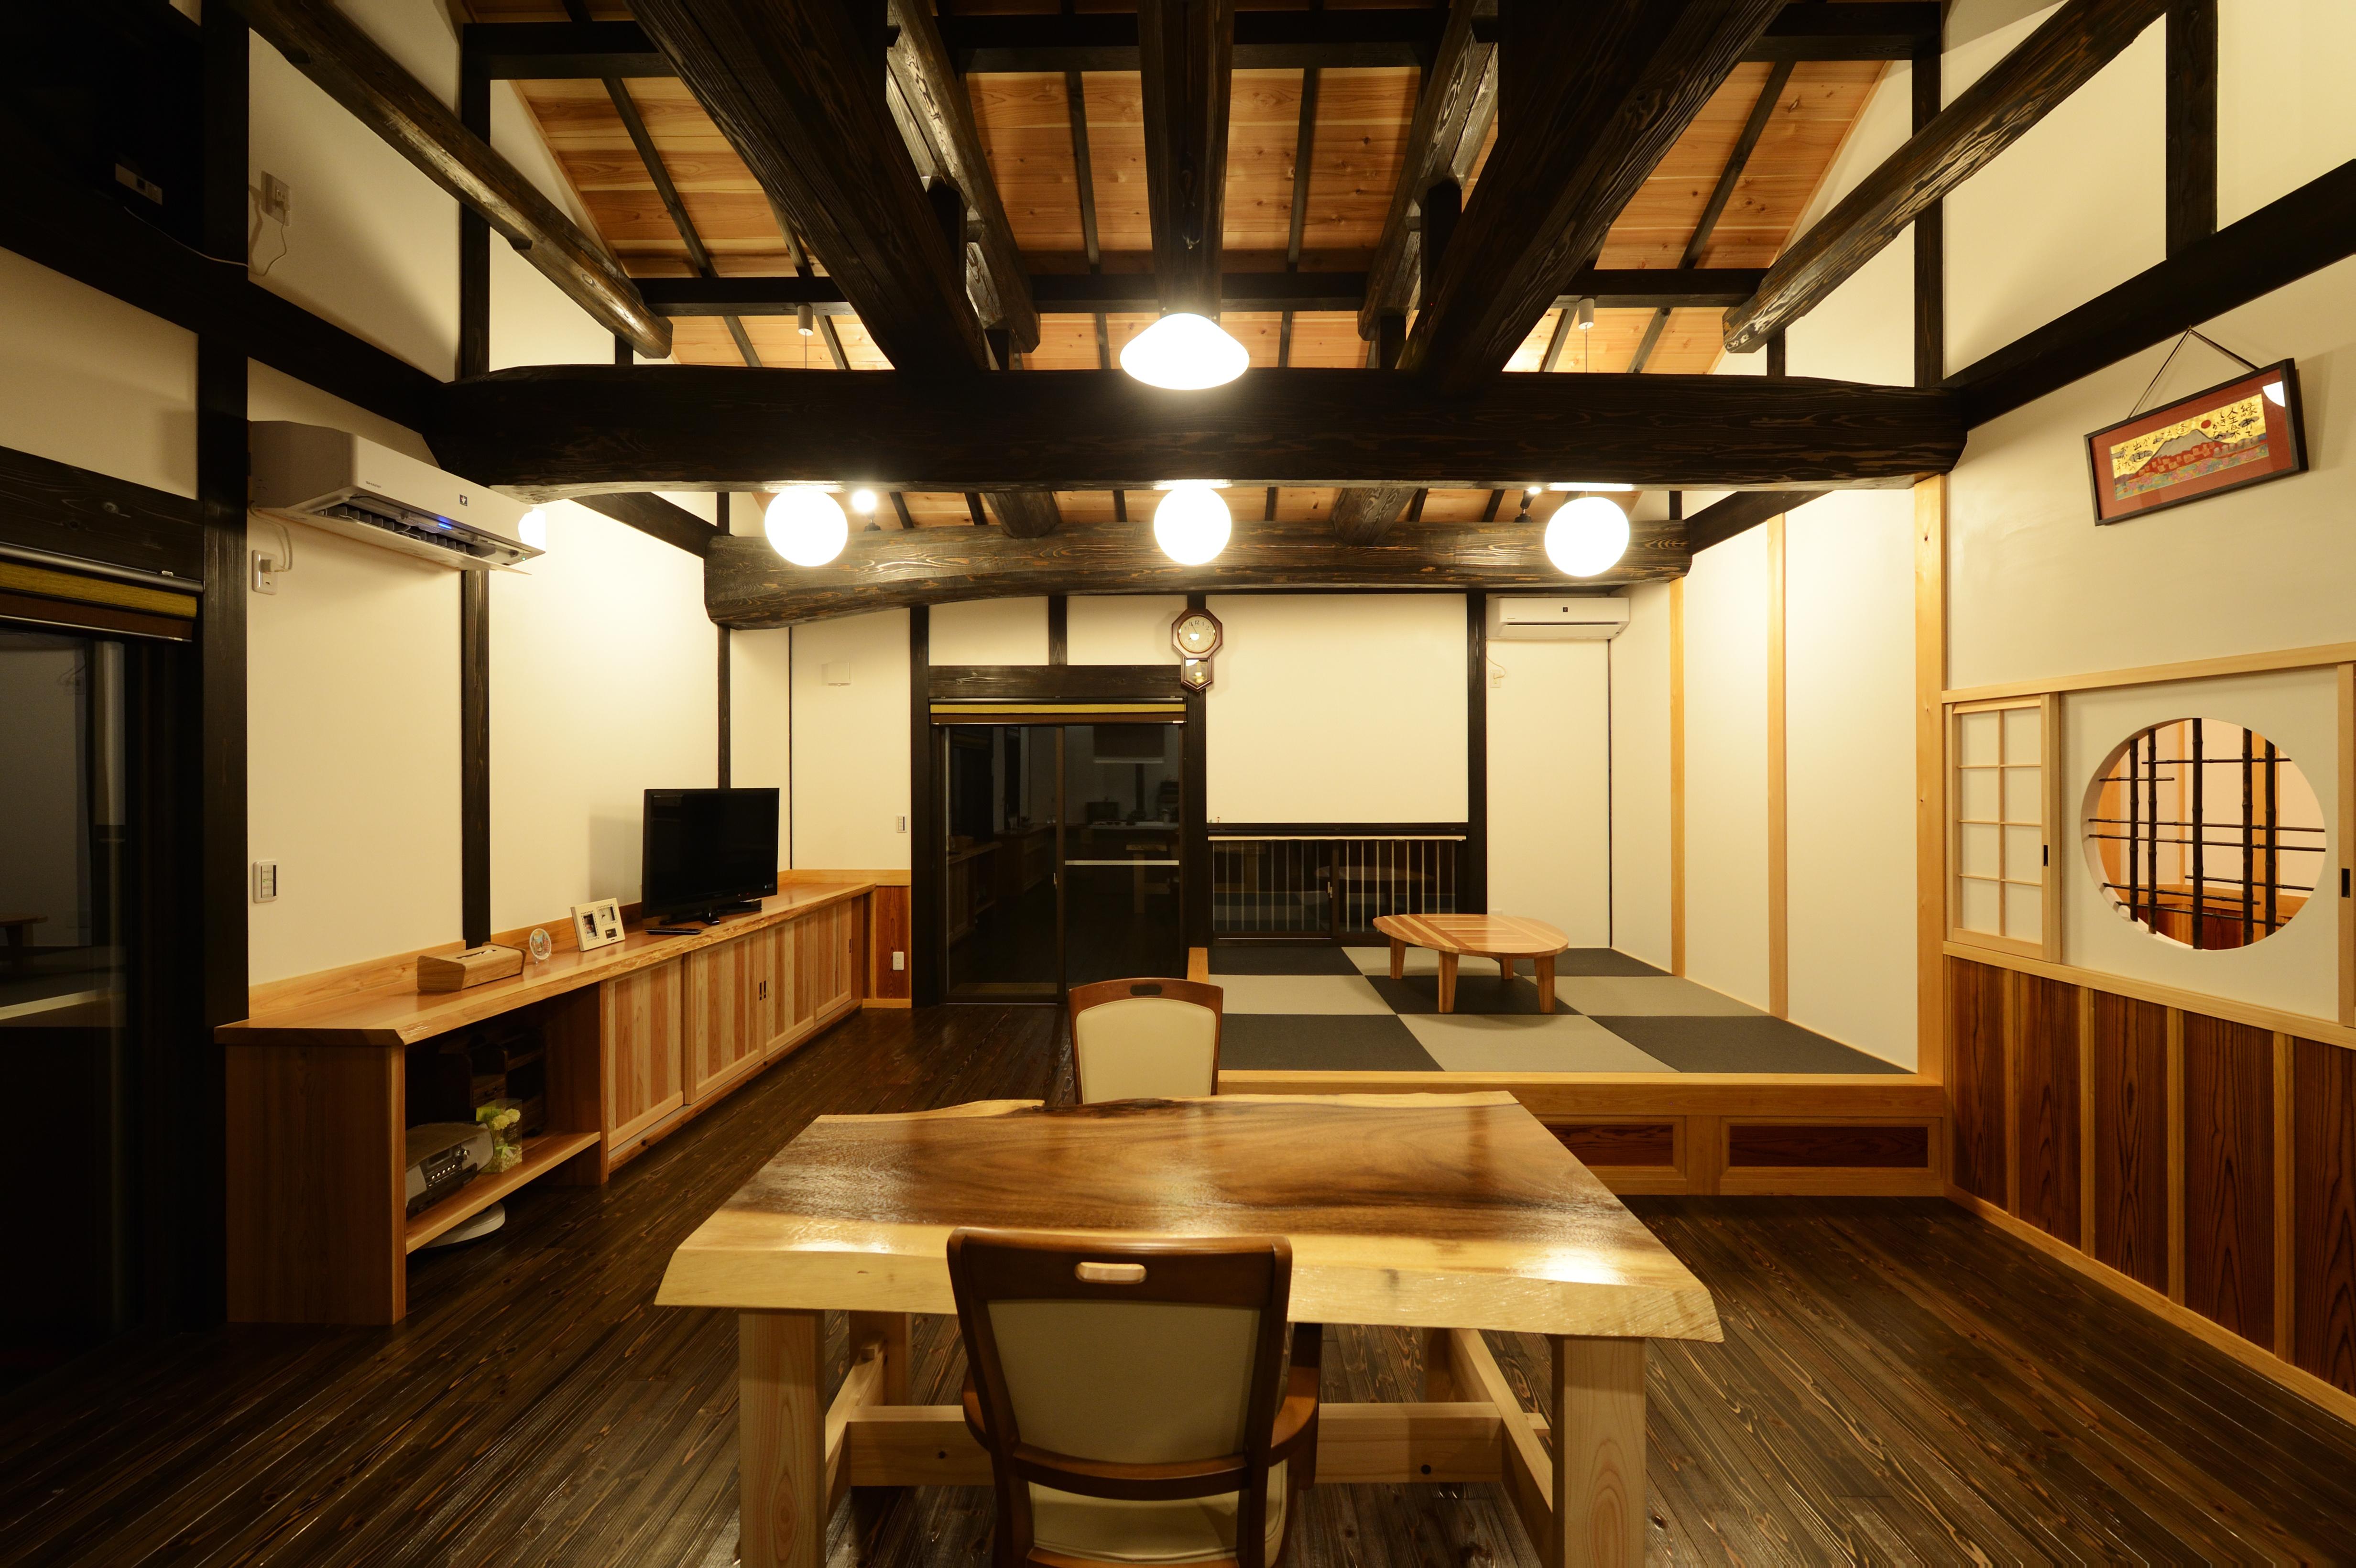 堀田建築【デザイン住宅、自然素材、夫婦で暮らす】本物の技を使って造り上げられた空間はどこから見ても美しい